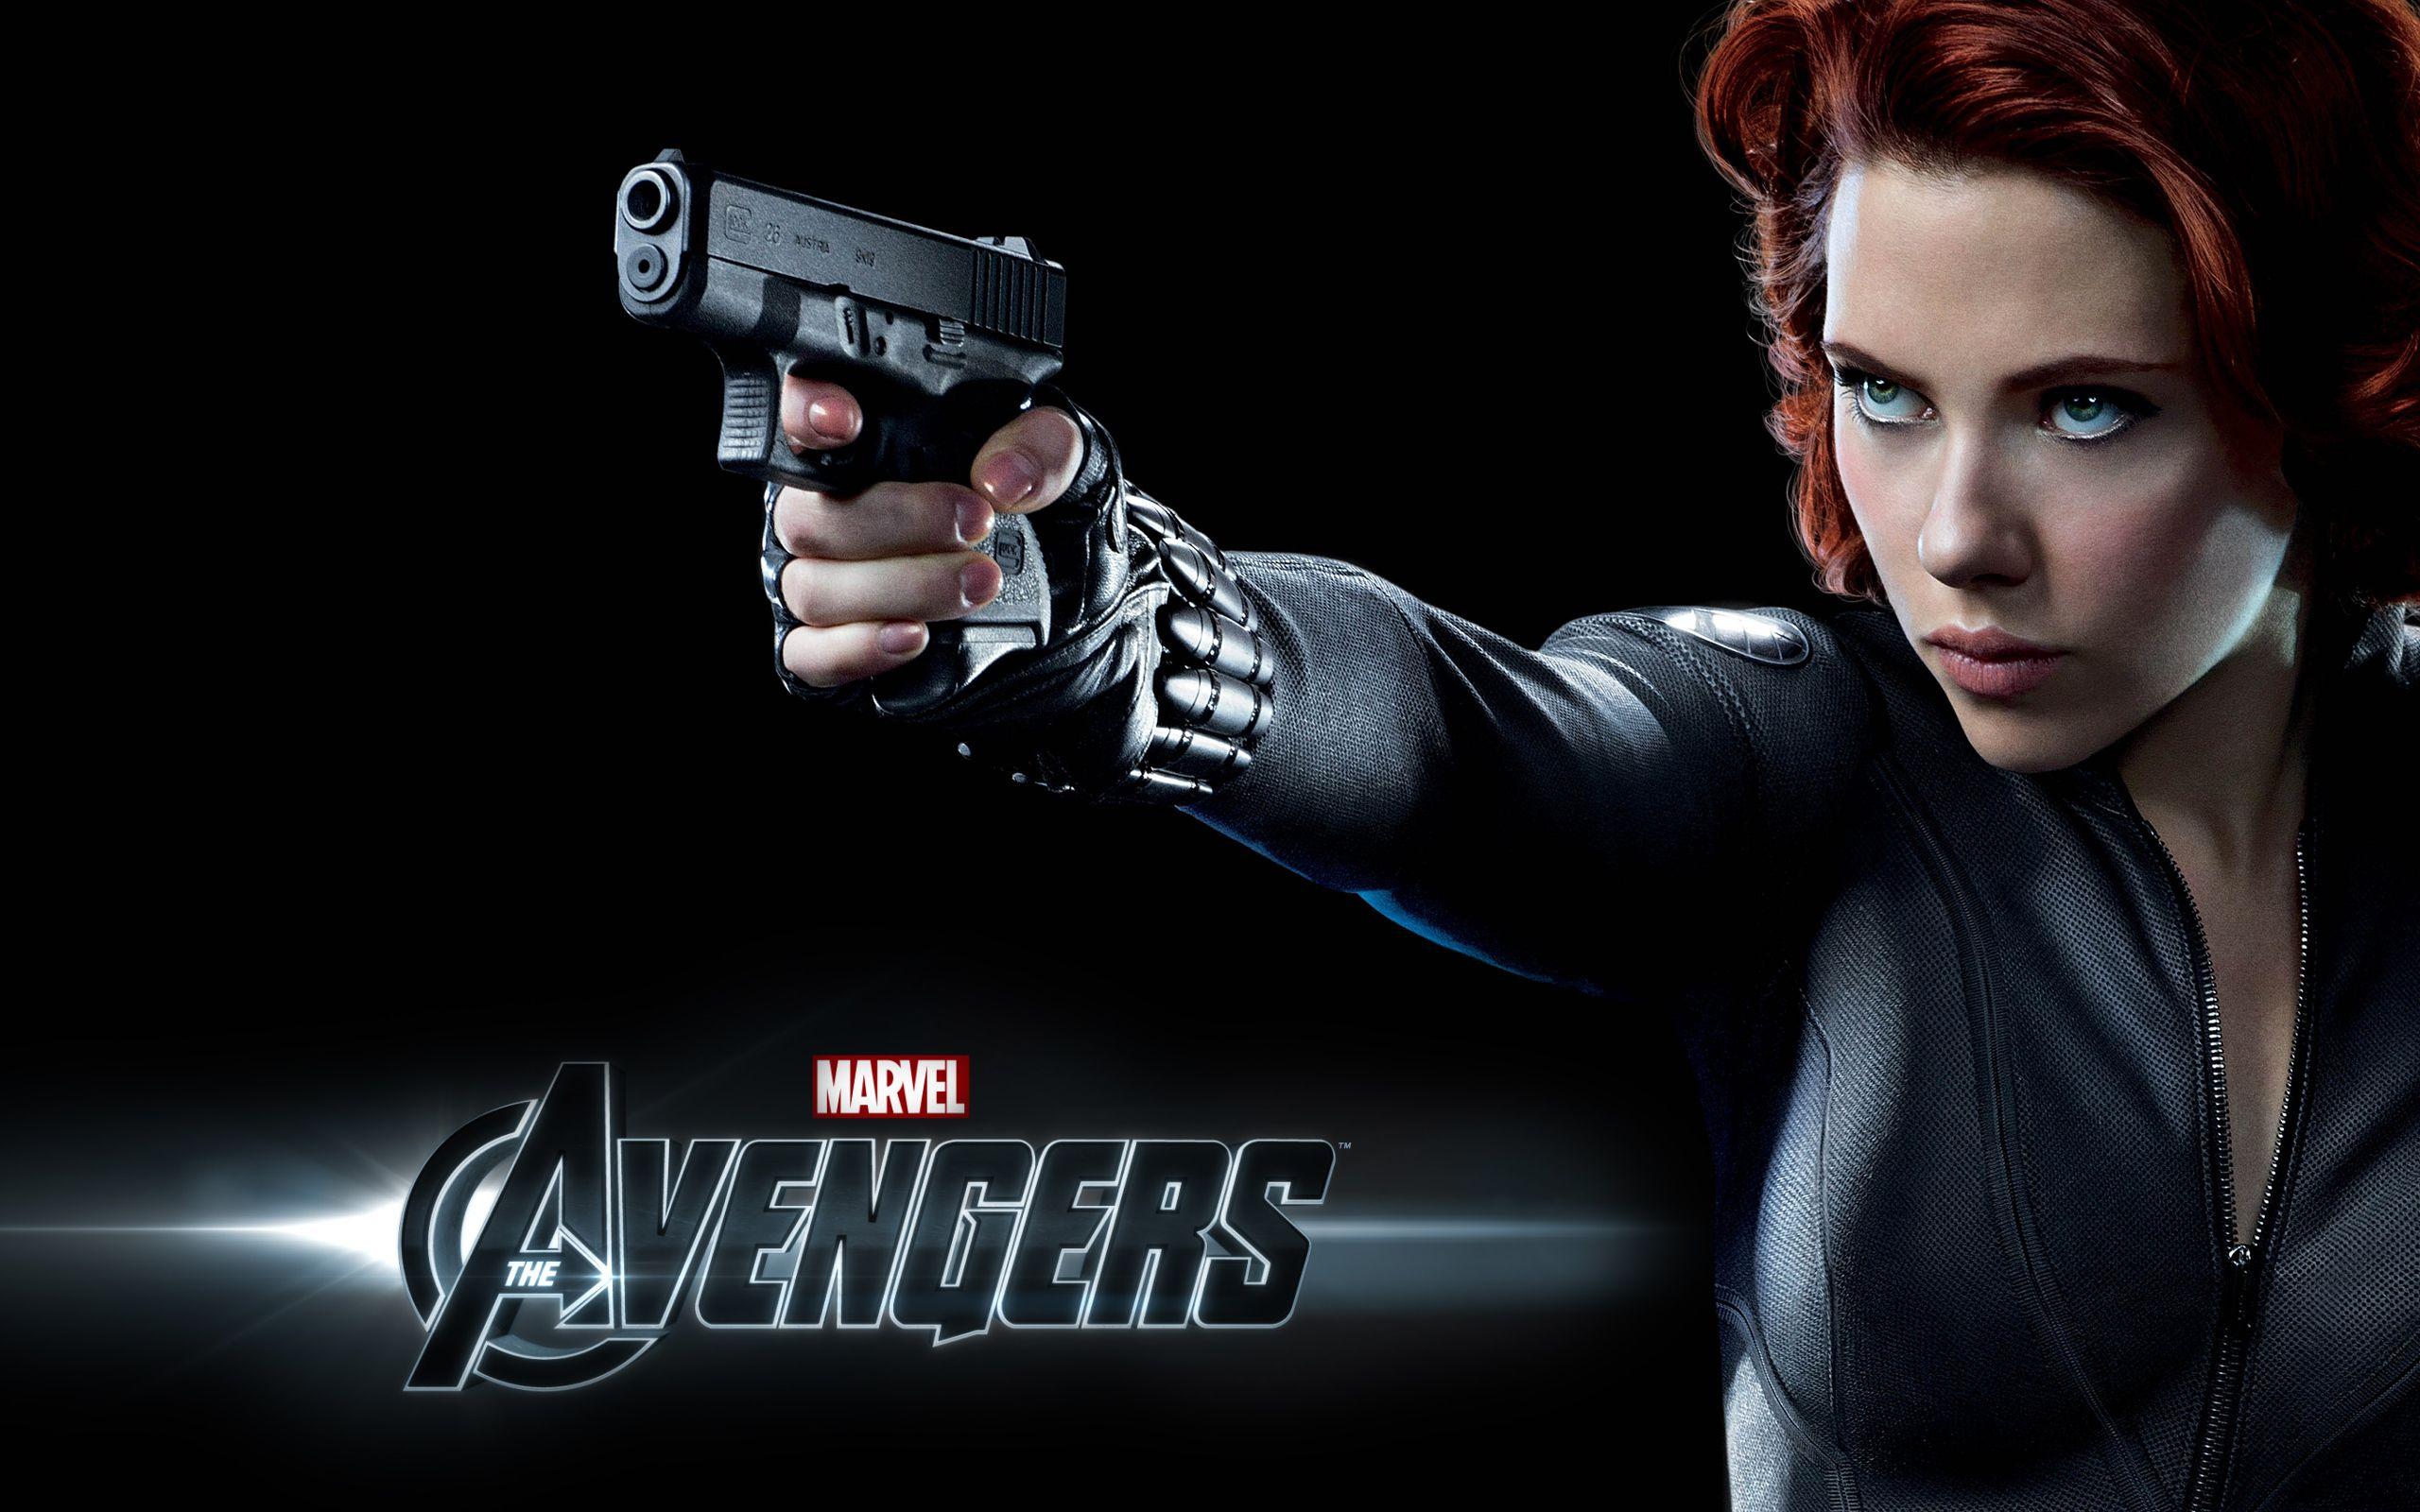 Scarlett Johansson In The Avengers Hd Wallpaper Free Wallpaperd